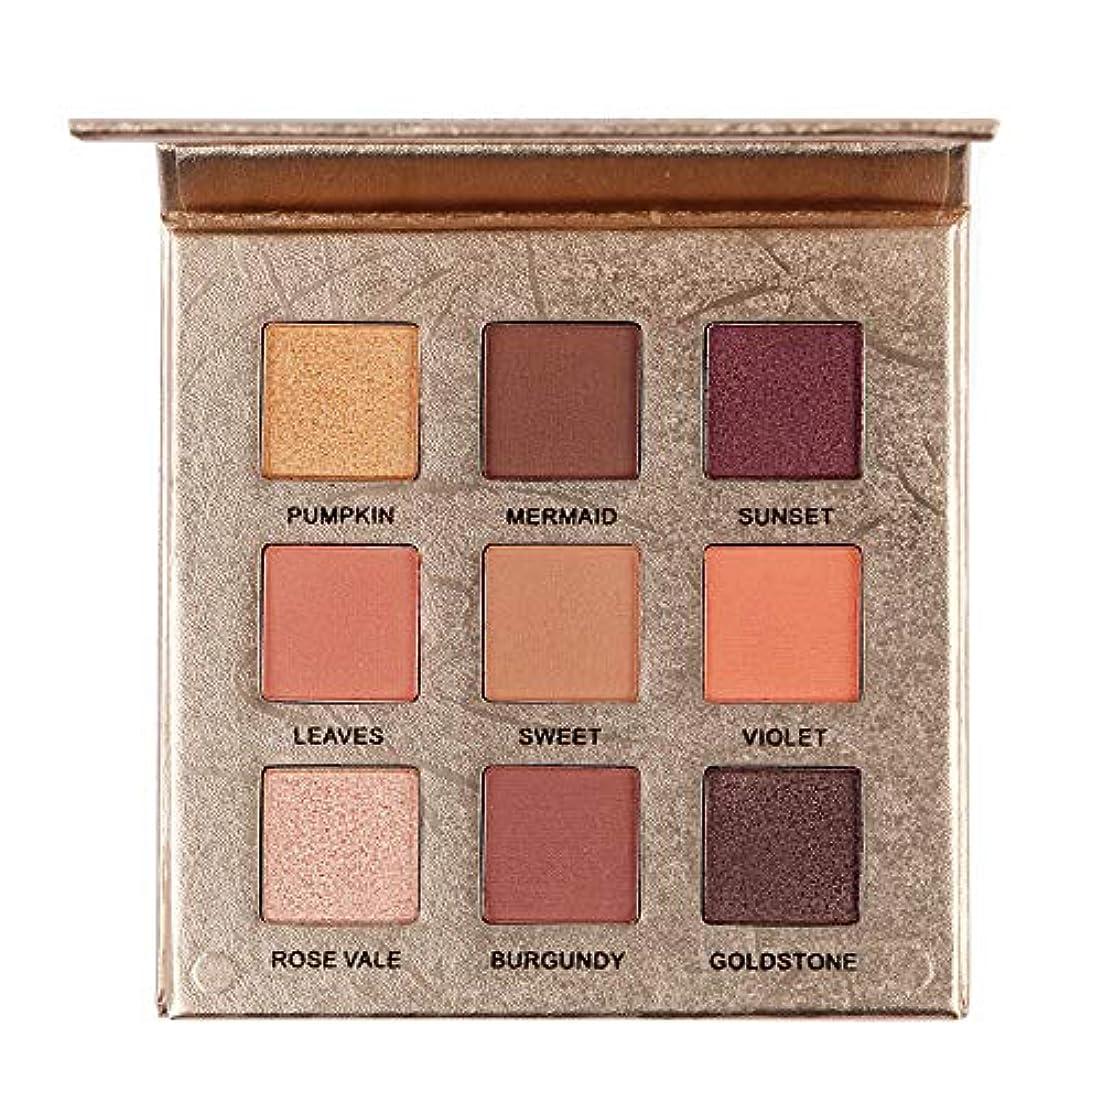 モバイルメンバーアンビエント9色のきらめきのきらめきのアイシャドウの粉のマットのアイシャドウの化粧品の構造